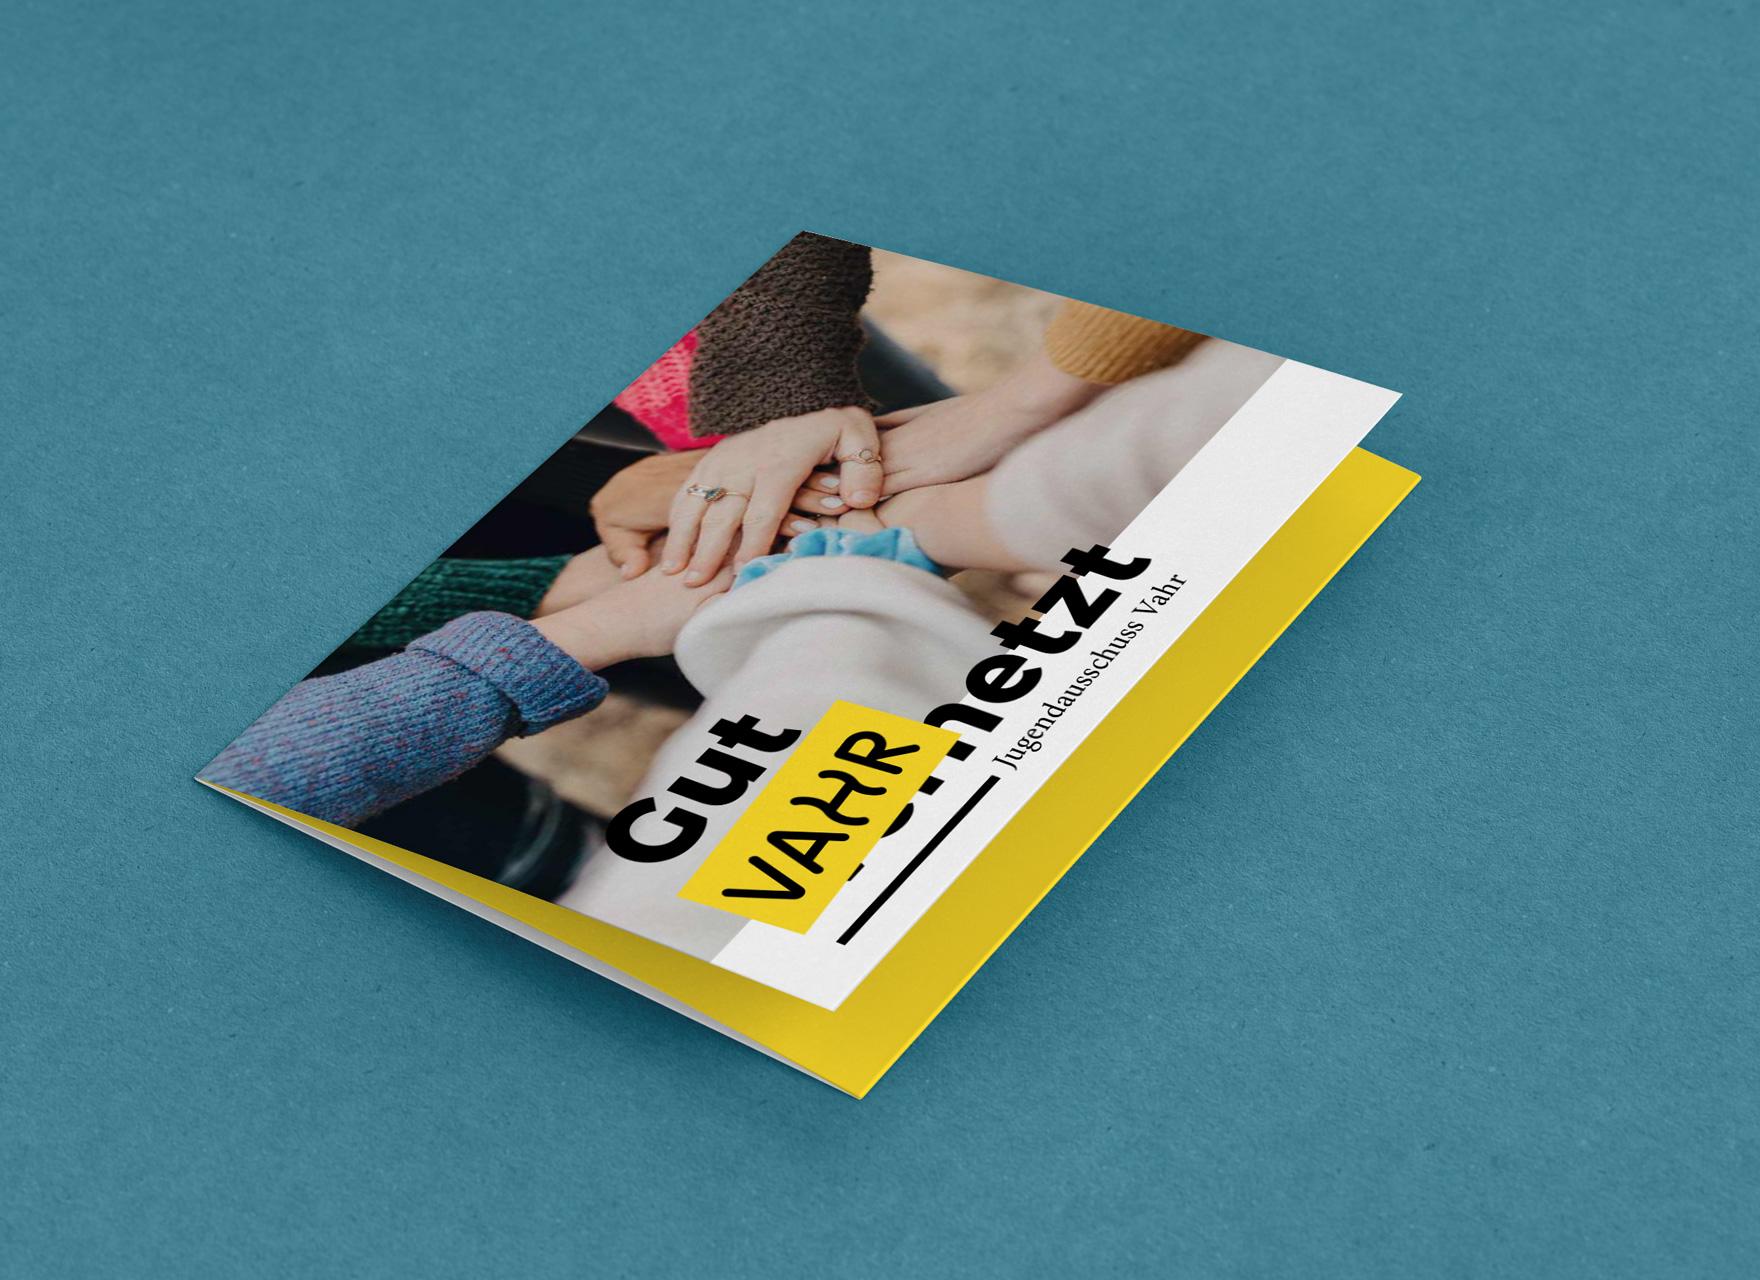 Jugendausschuss Neue Vahr Flyer – ein Projekt von Simon Sleegers